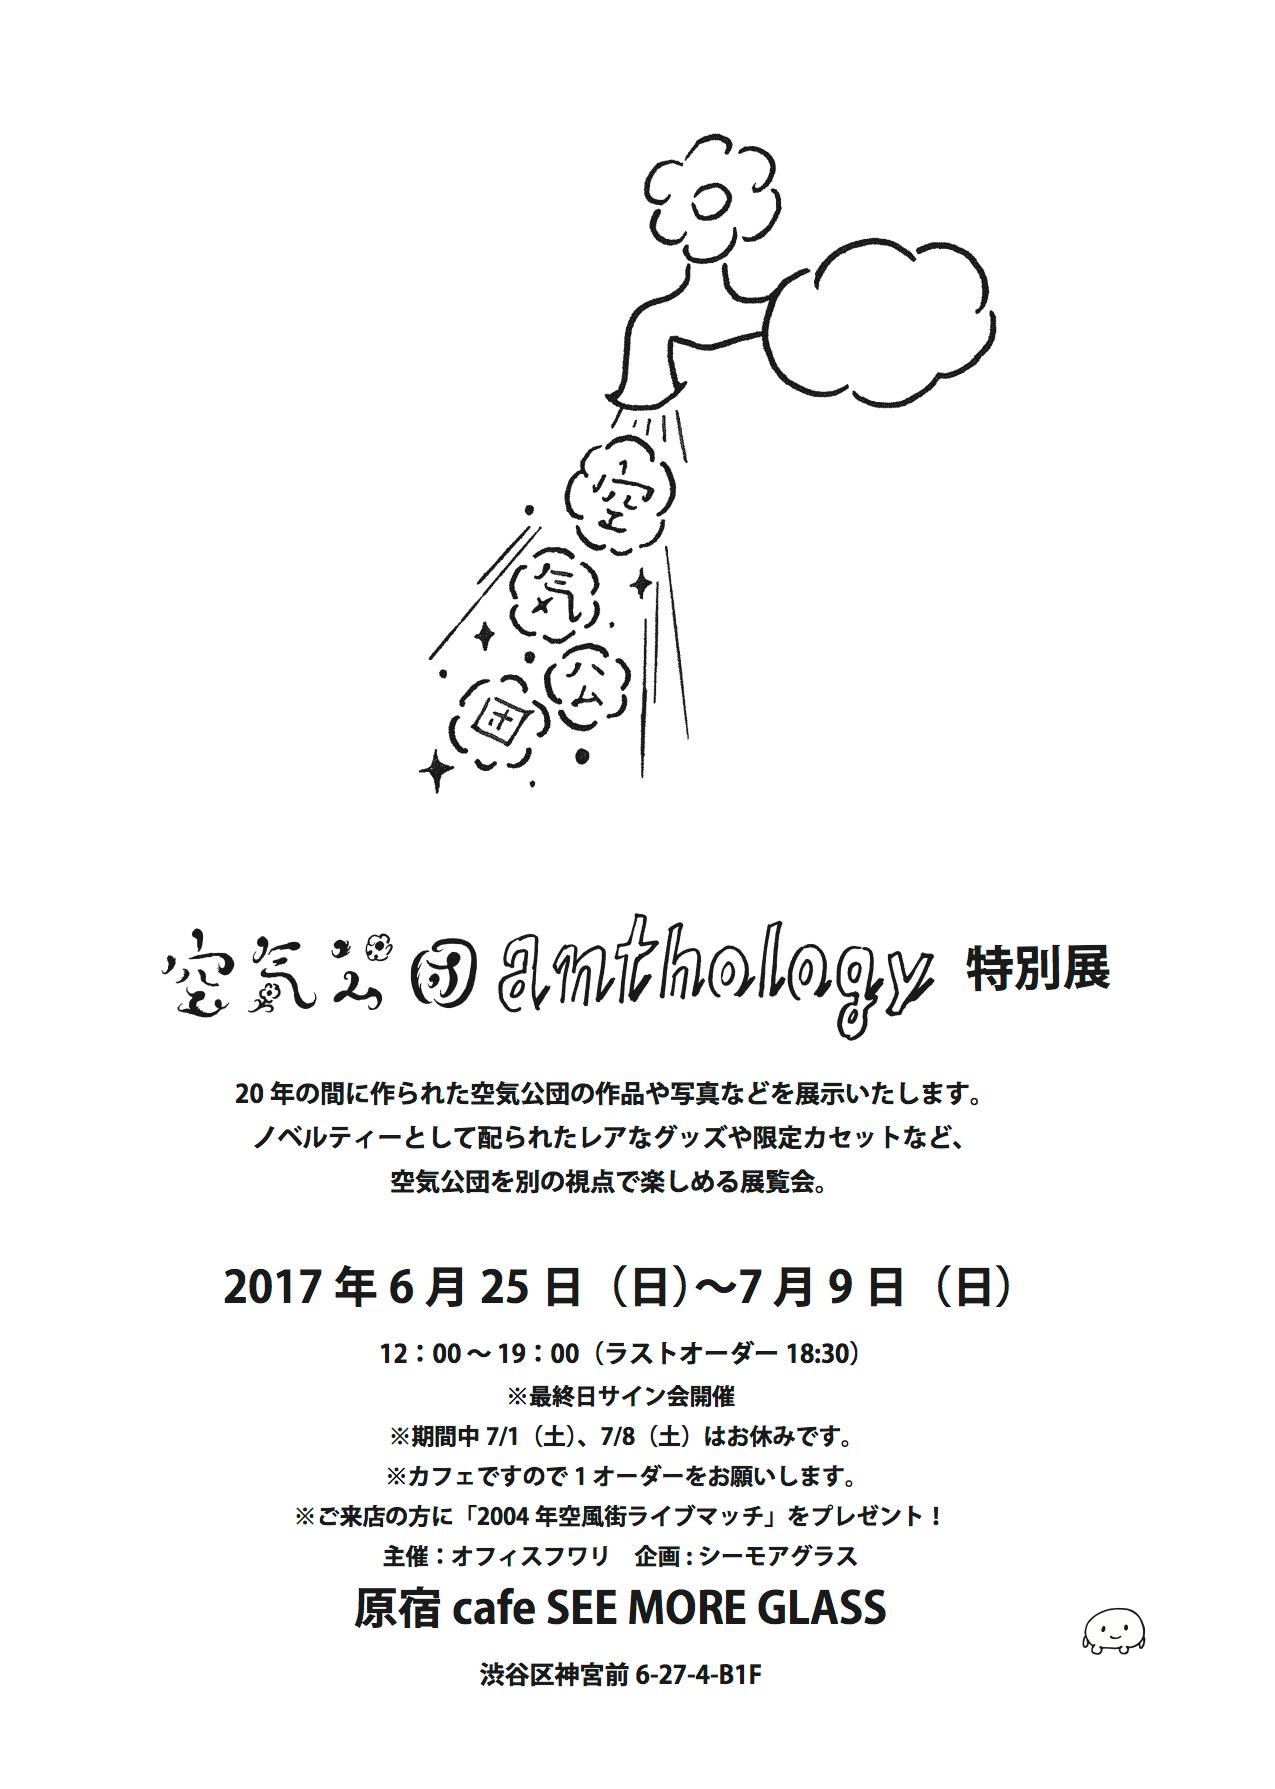 『空気公団anthology特別展』_c0192615_13104653.jpg